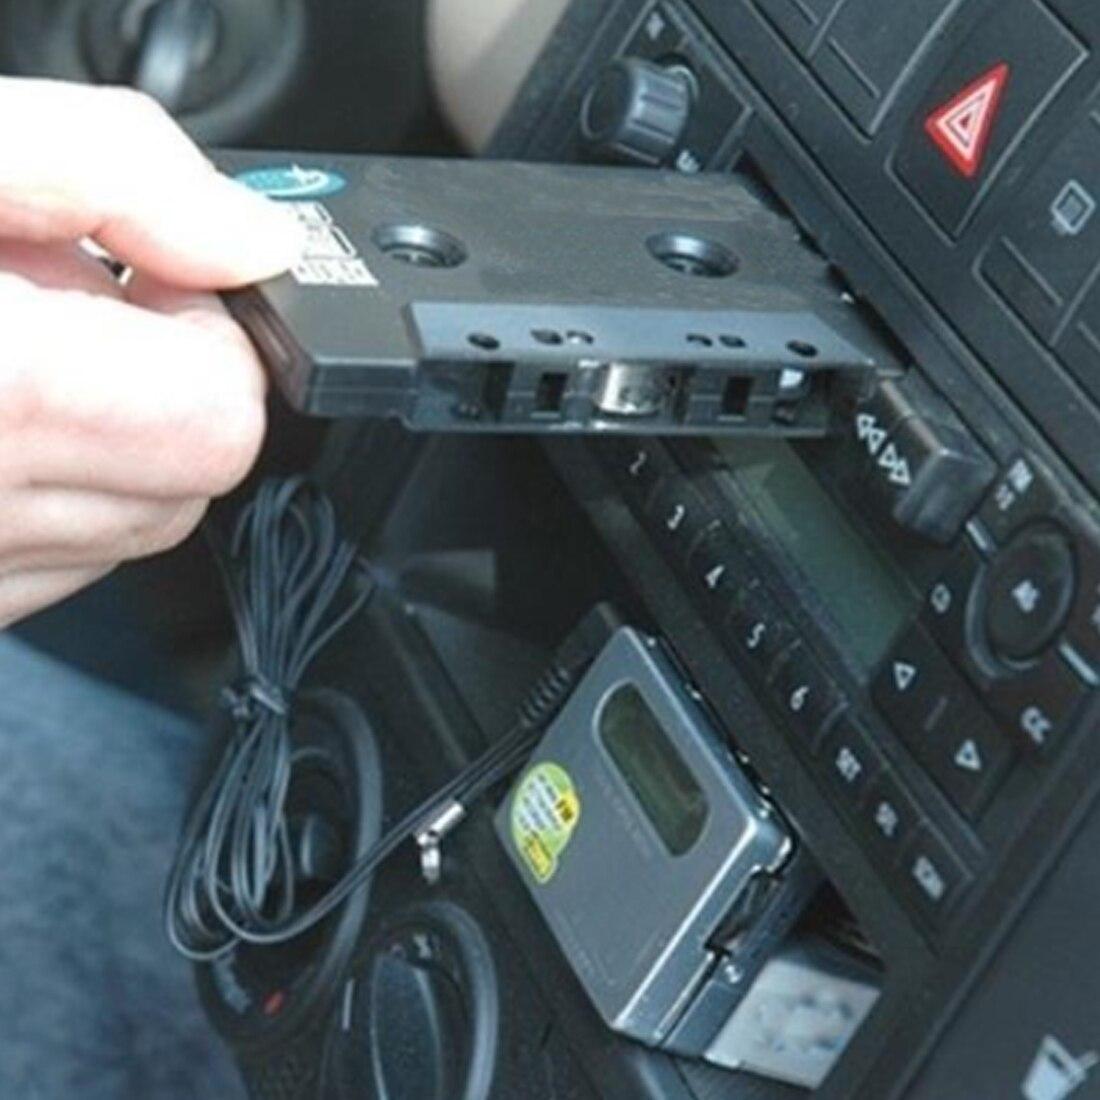 Marsnaska Mobil Kaset Tape Stereo Adaptor Konverter 35 Mm Casete Adapter Mp3 Mendongkrak Steker Untuk Ponsel Cd Pemutar Pintar Telepon Di Player Dari